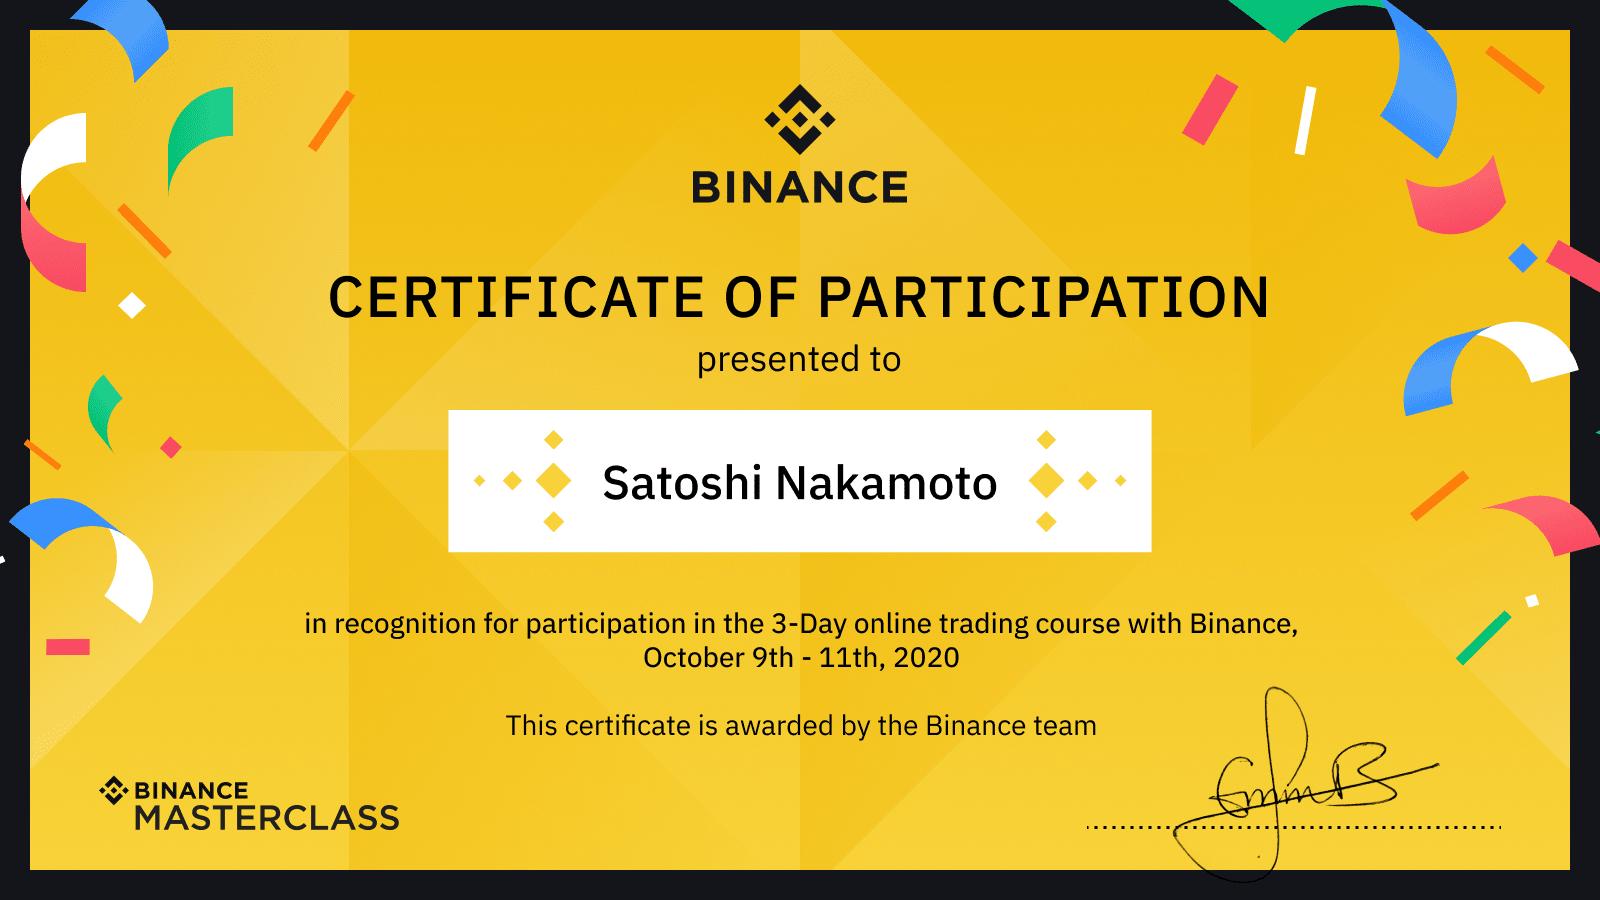 نتيجة بحث الصور عن certificate of participation binance